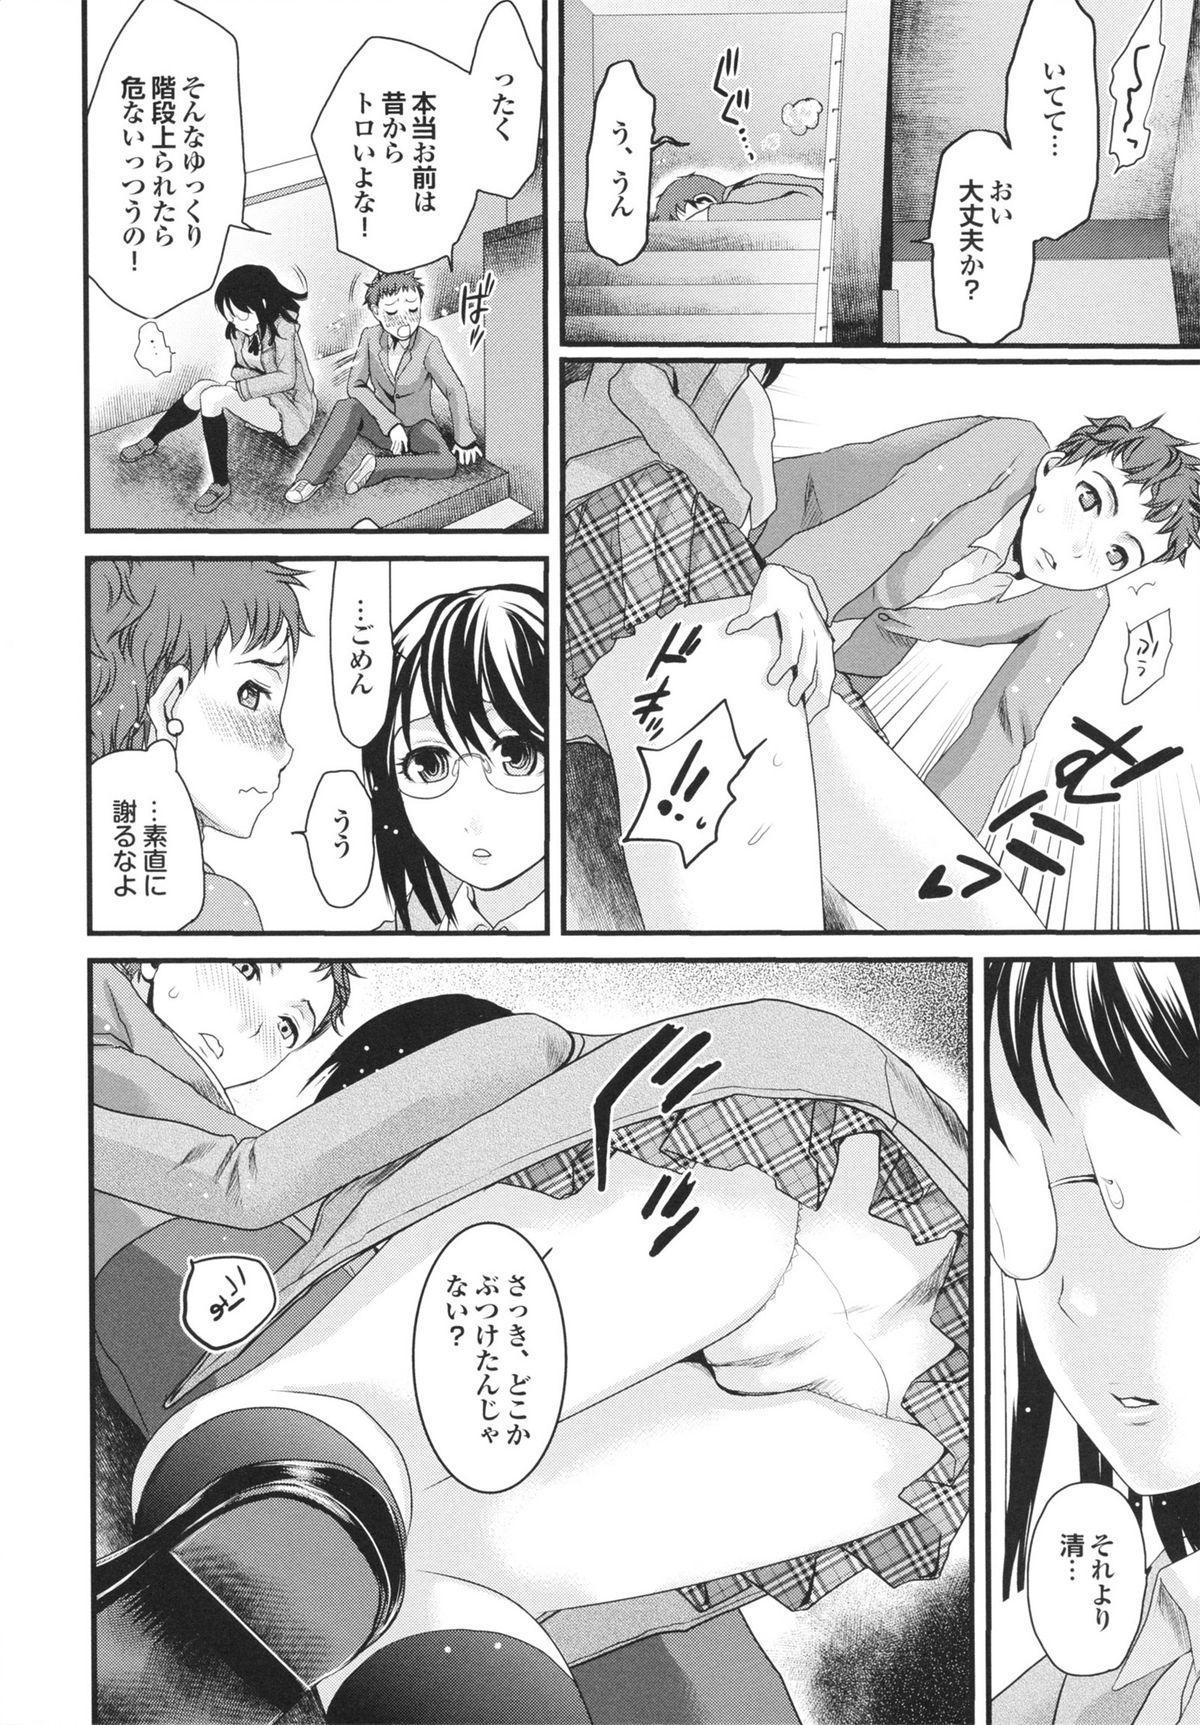 Osananajimi no Mitsutsubo Tsukatte!! 151